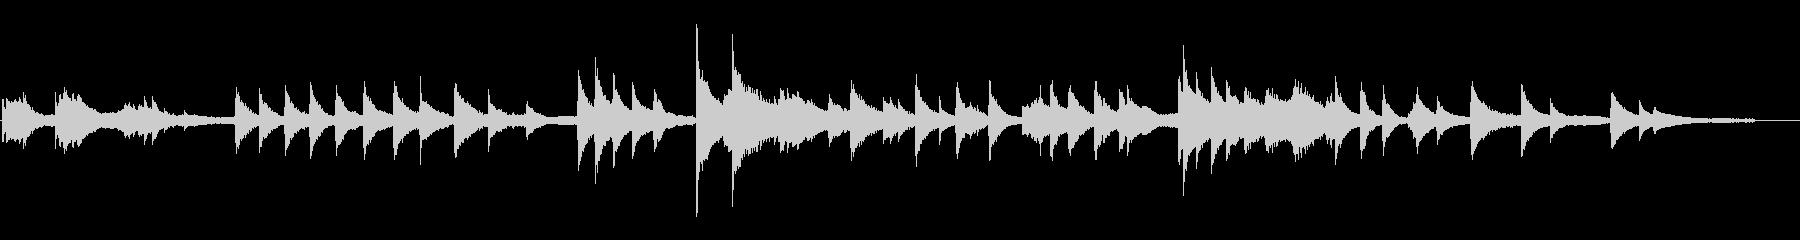 カオスティックなピアノ2の未再生の波形